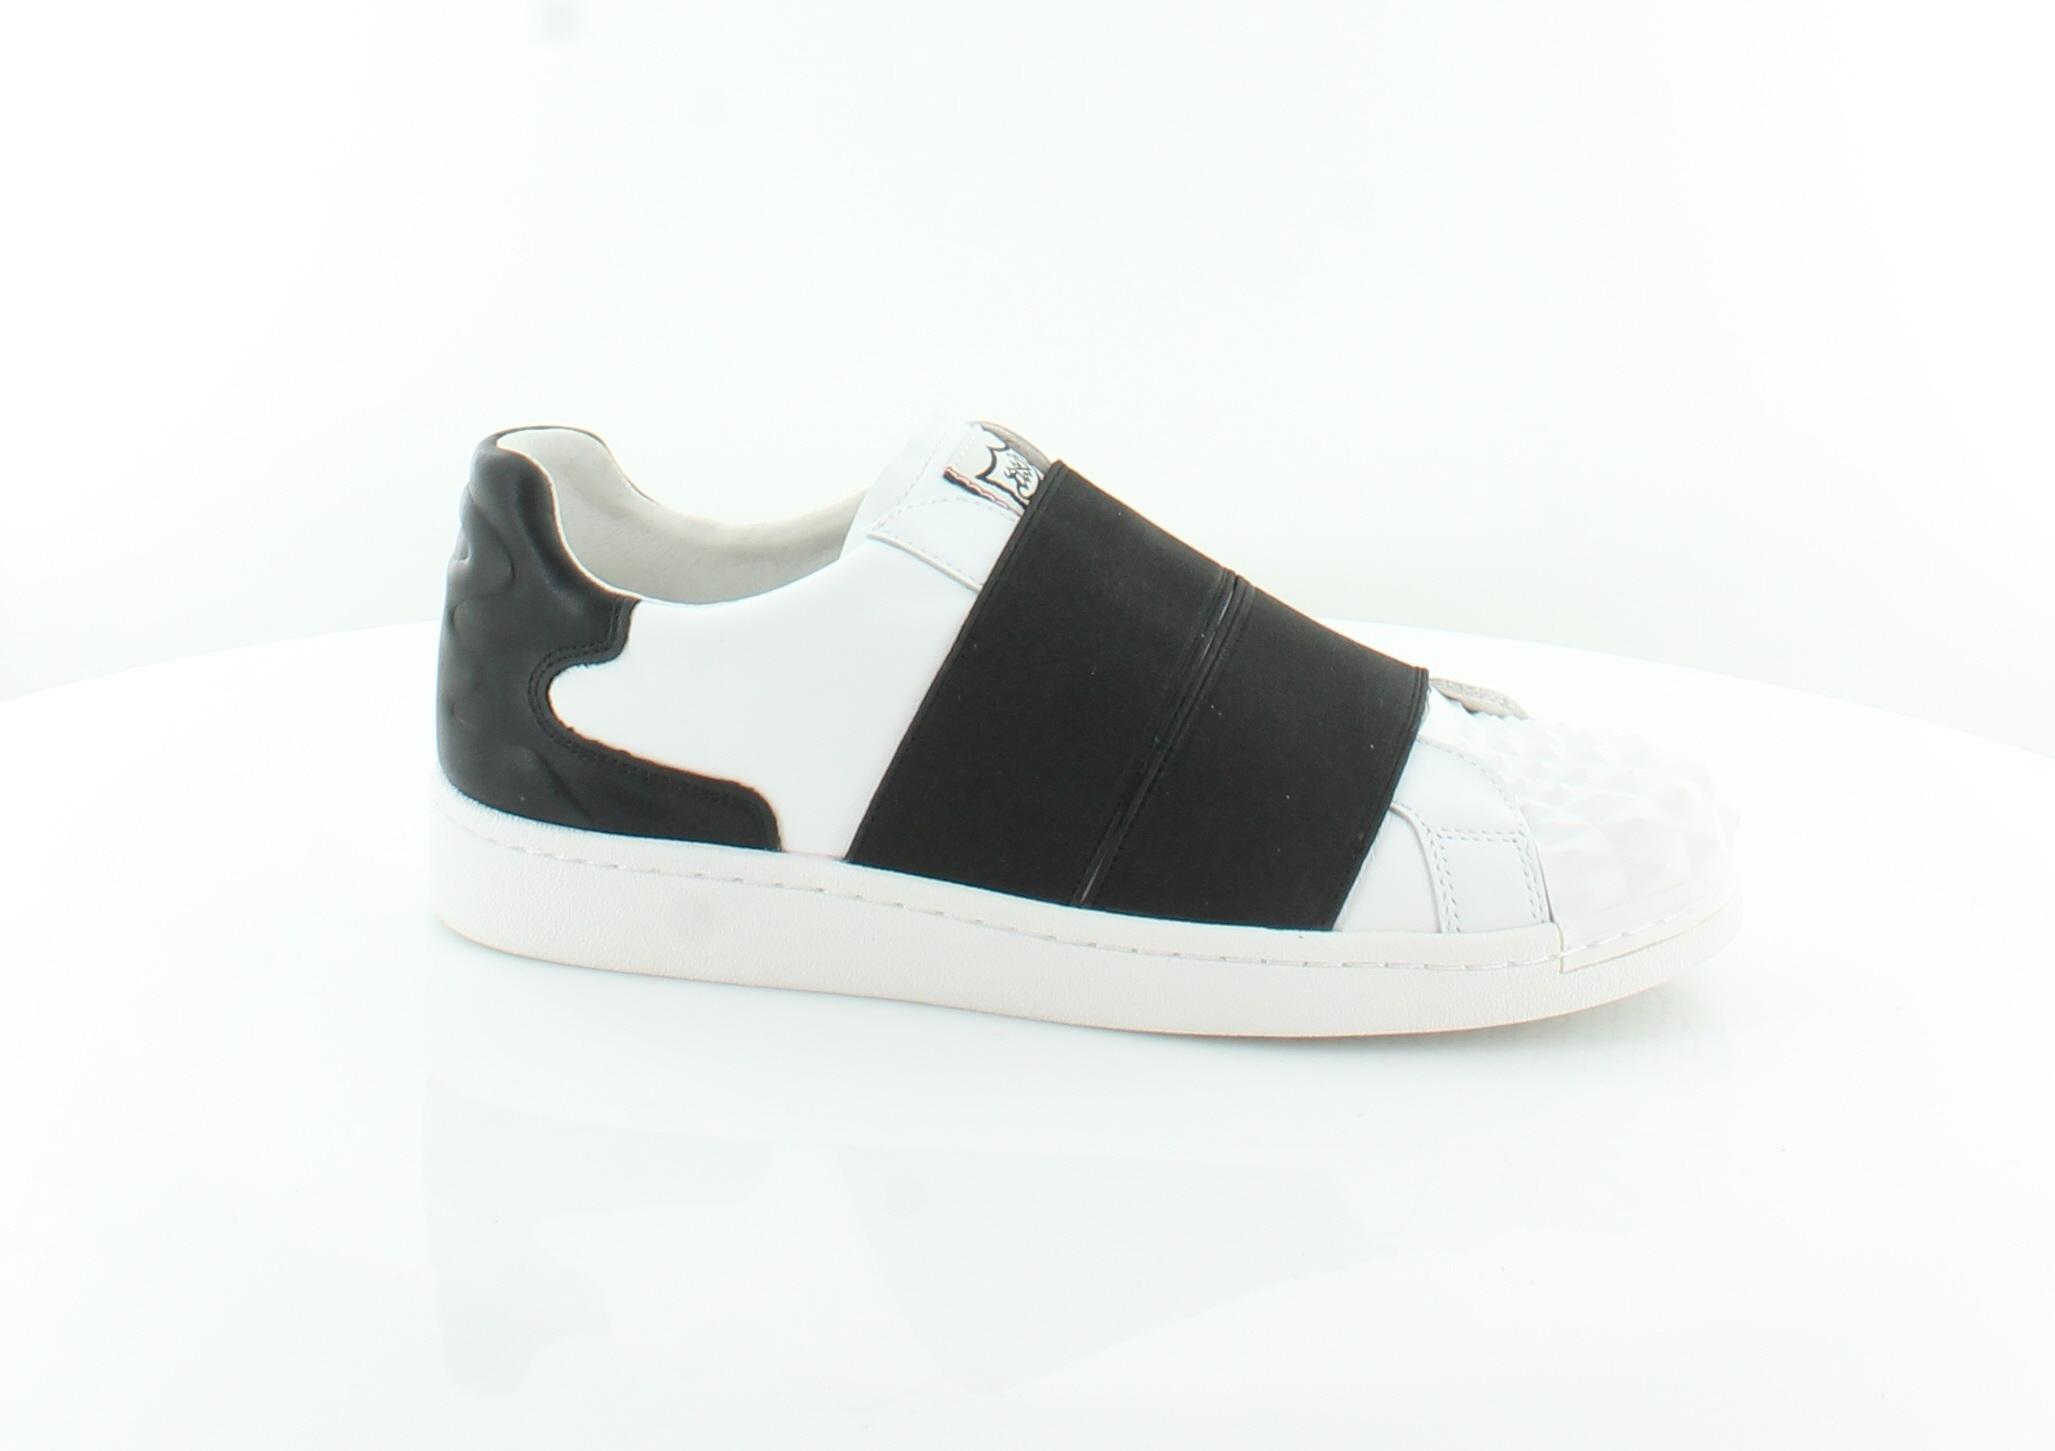 Ash New Clip Weiß damen schuhe Größe 11 M Fashion Turnschuhe MSRP  190